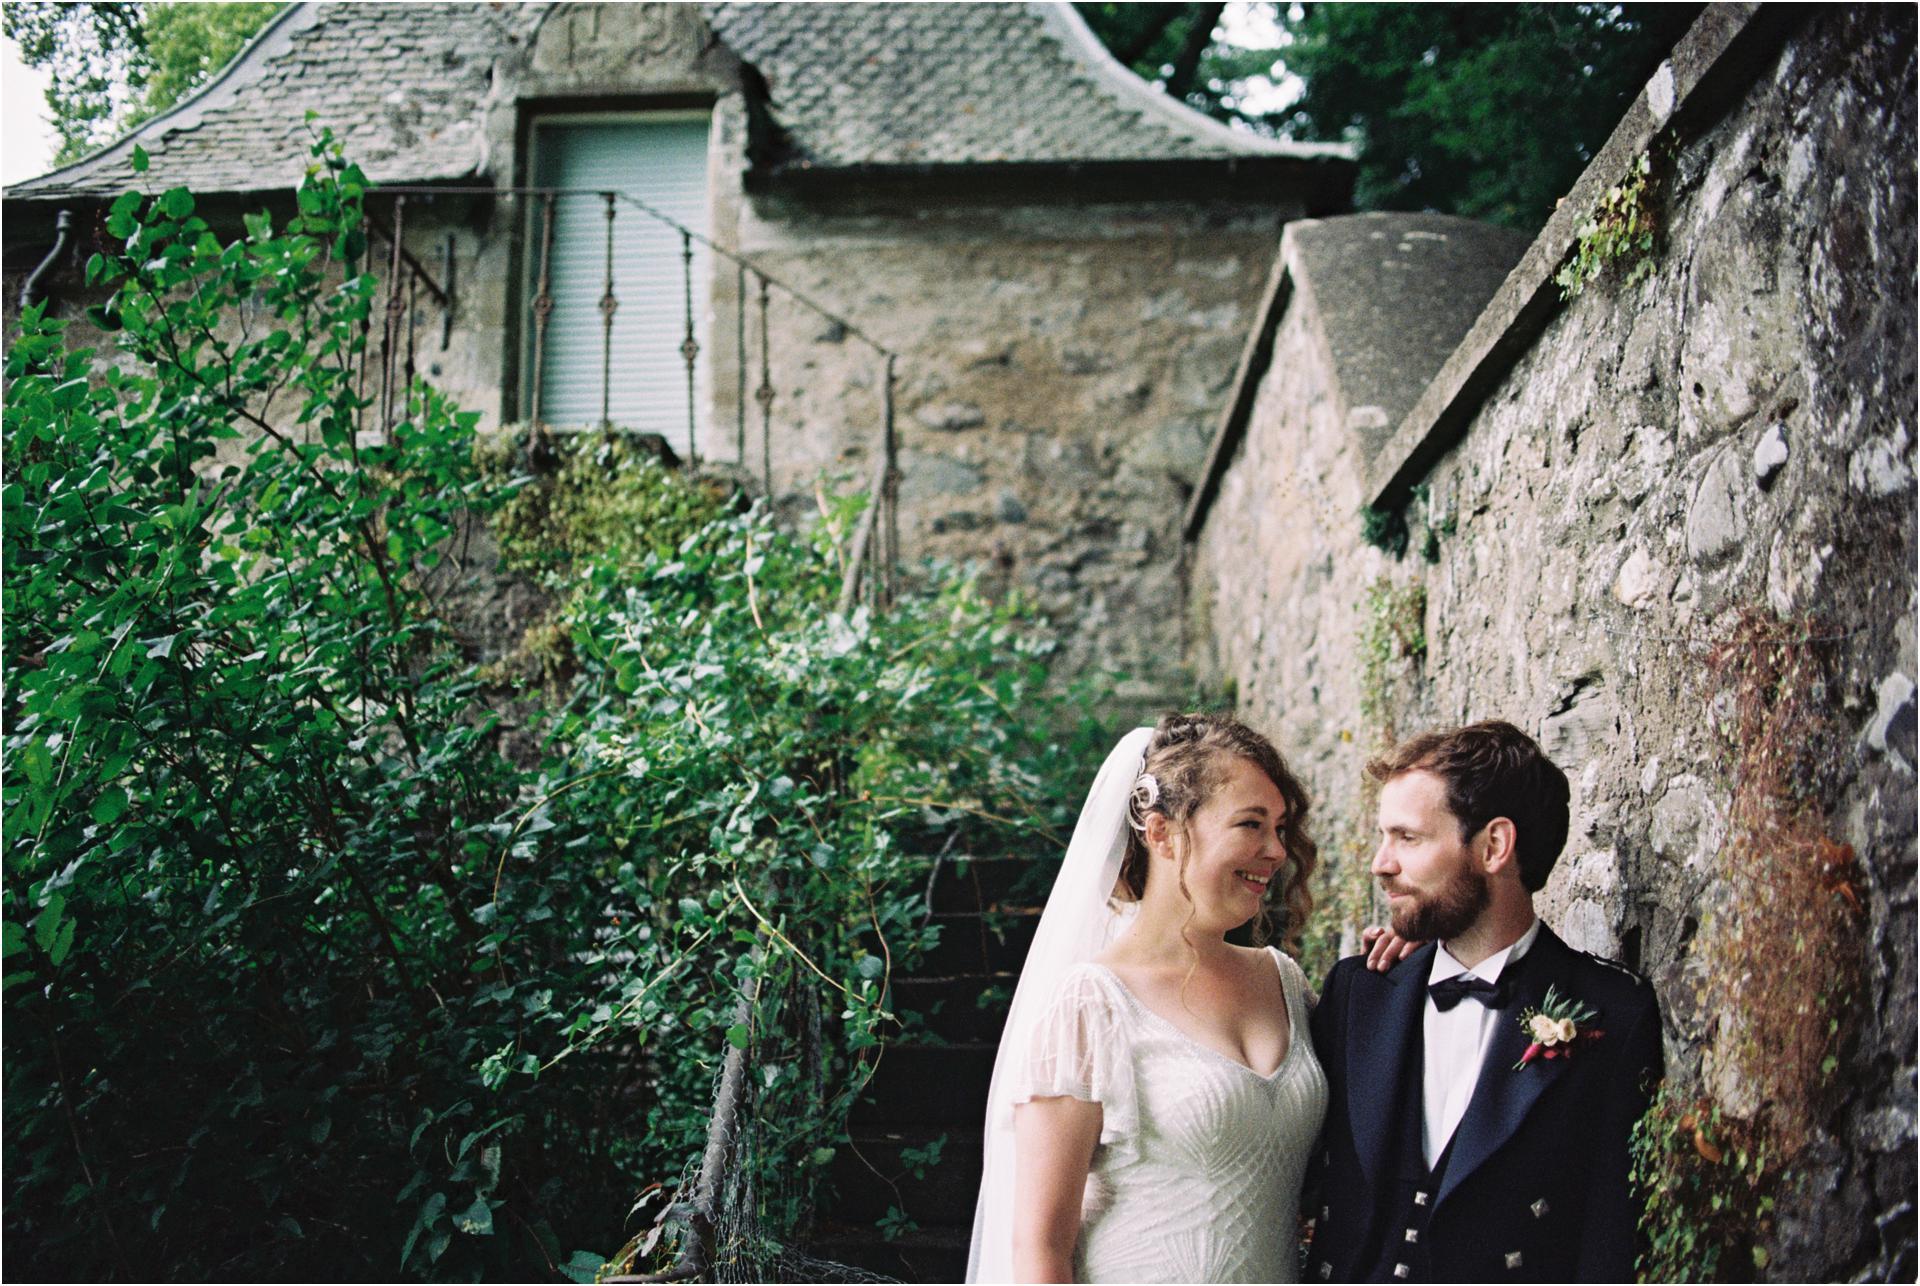 weddingsonfilmphotosbyzoe77